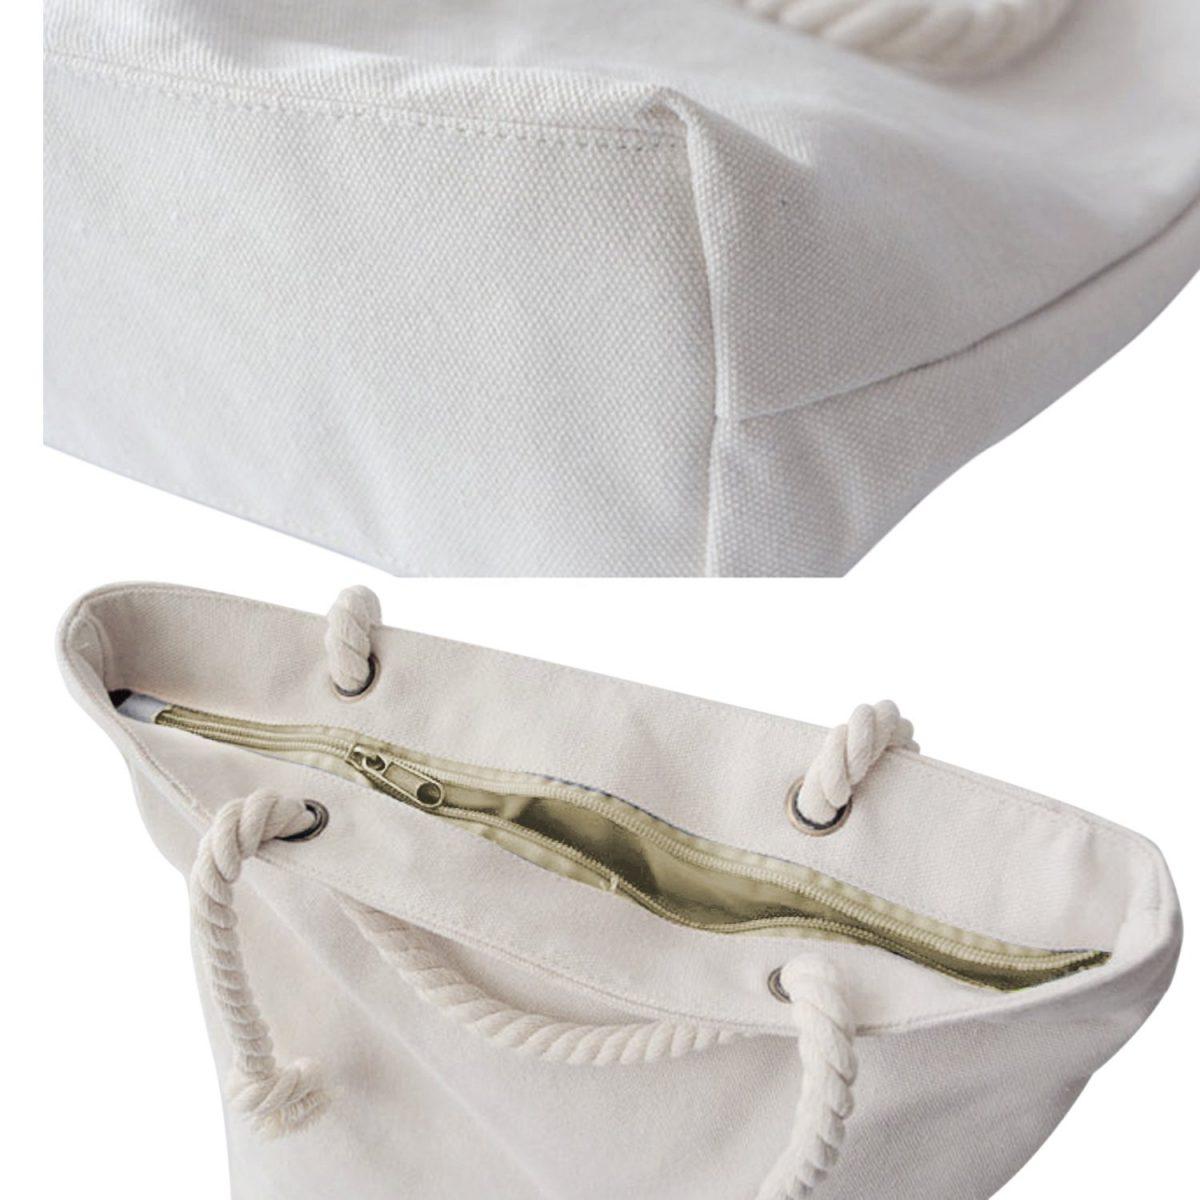 Açık Mermer Zeminli Dijital Baskılı Fermuarlı Kumaş Çanta Realhomes